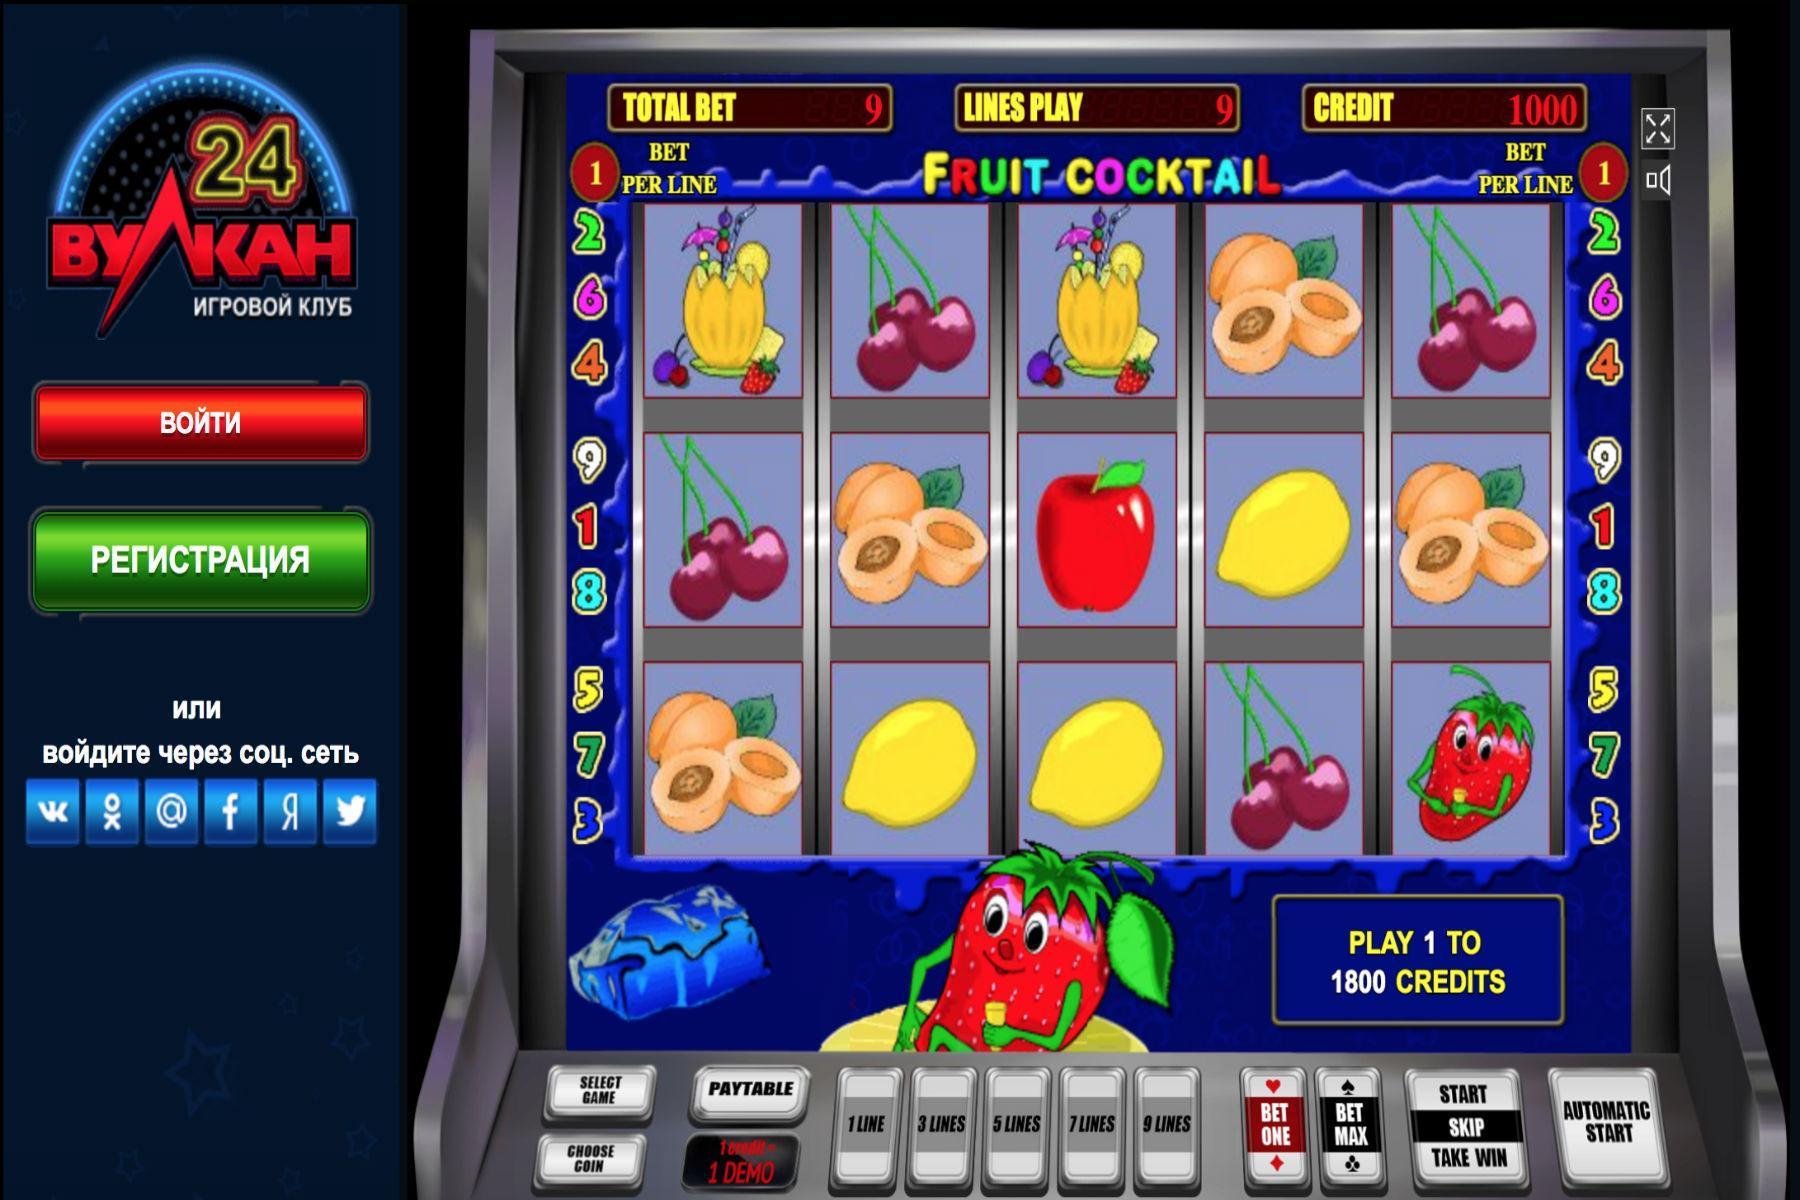 Играть бесплатно в игровые автоматы видеослоты онлайн в.